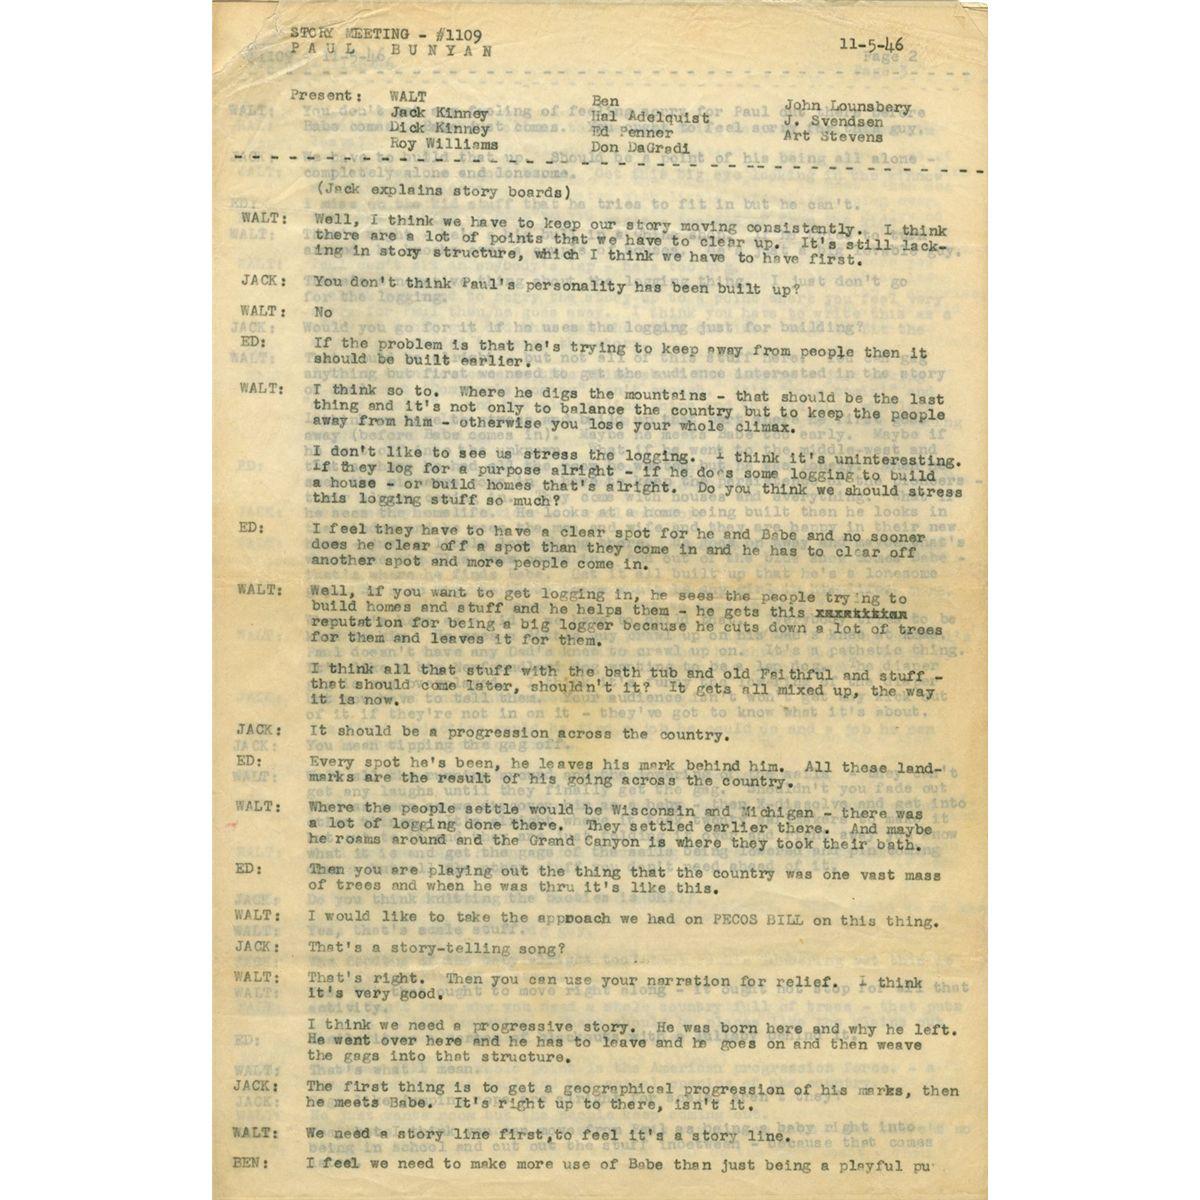 Walt Disney script and three Paul Bunyan drawings